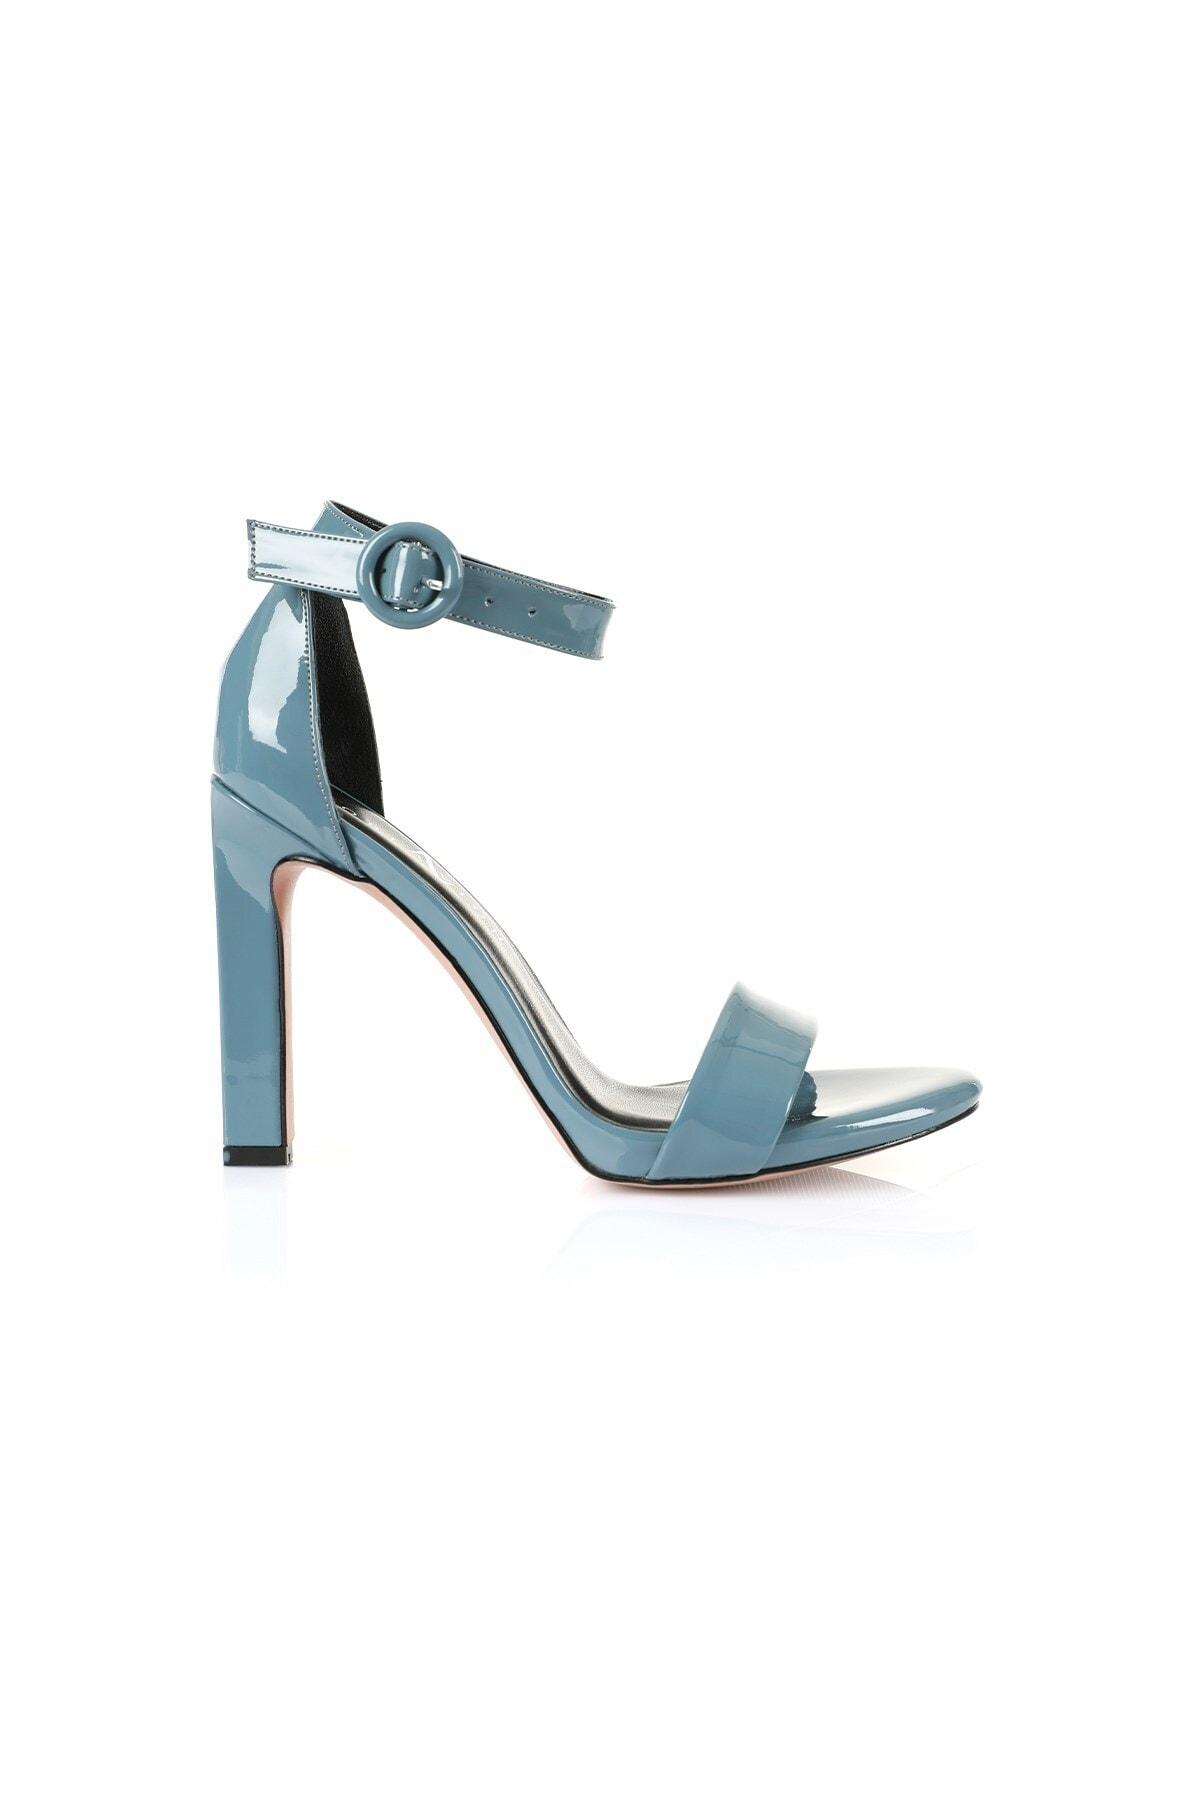 Oblavion Carmen Indigo Mavi Topuklu Ayakkabı 1